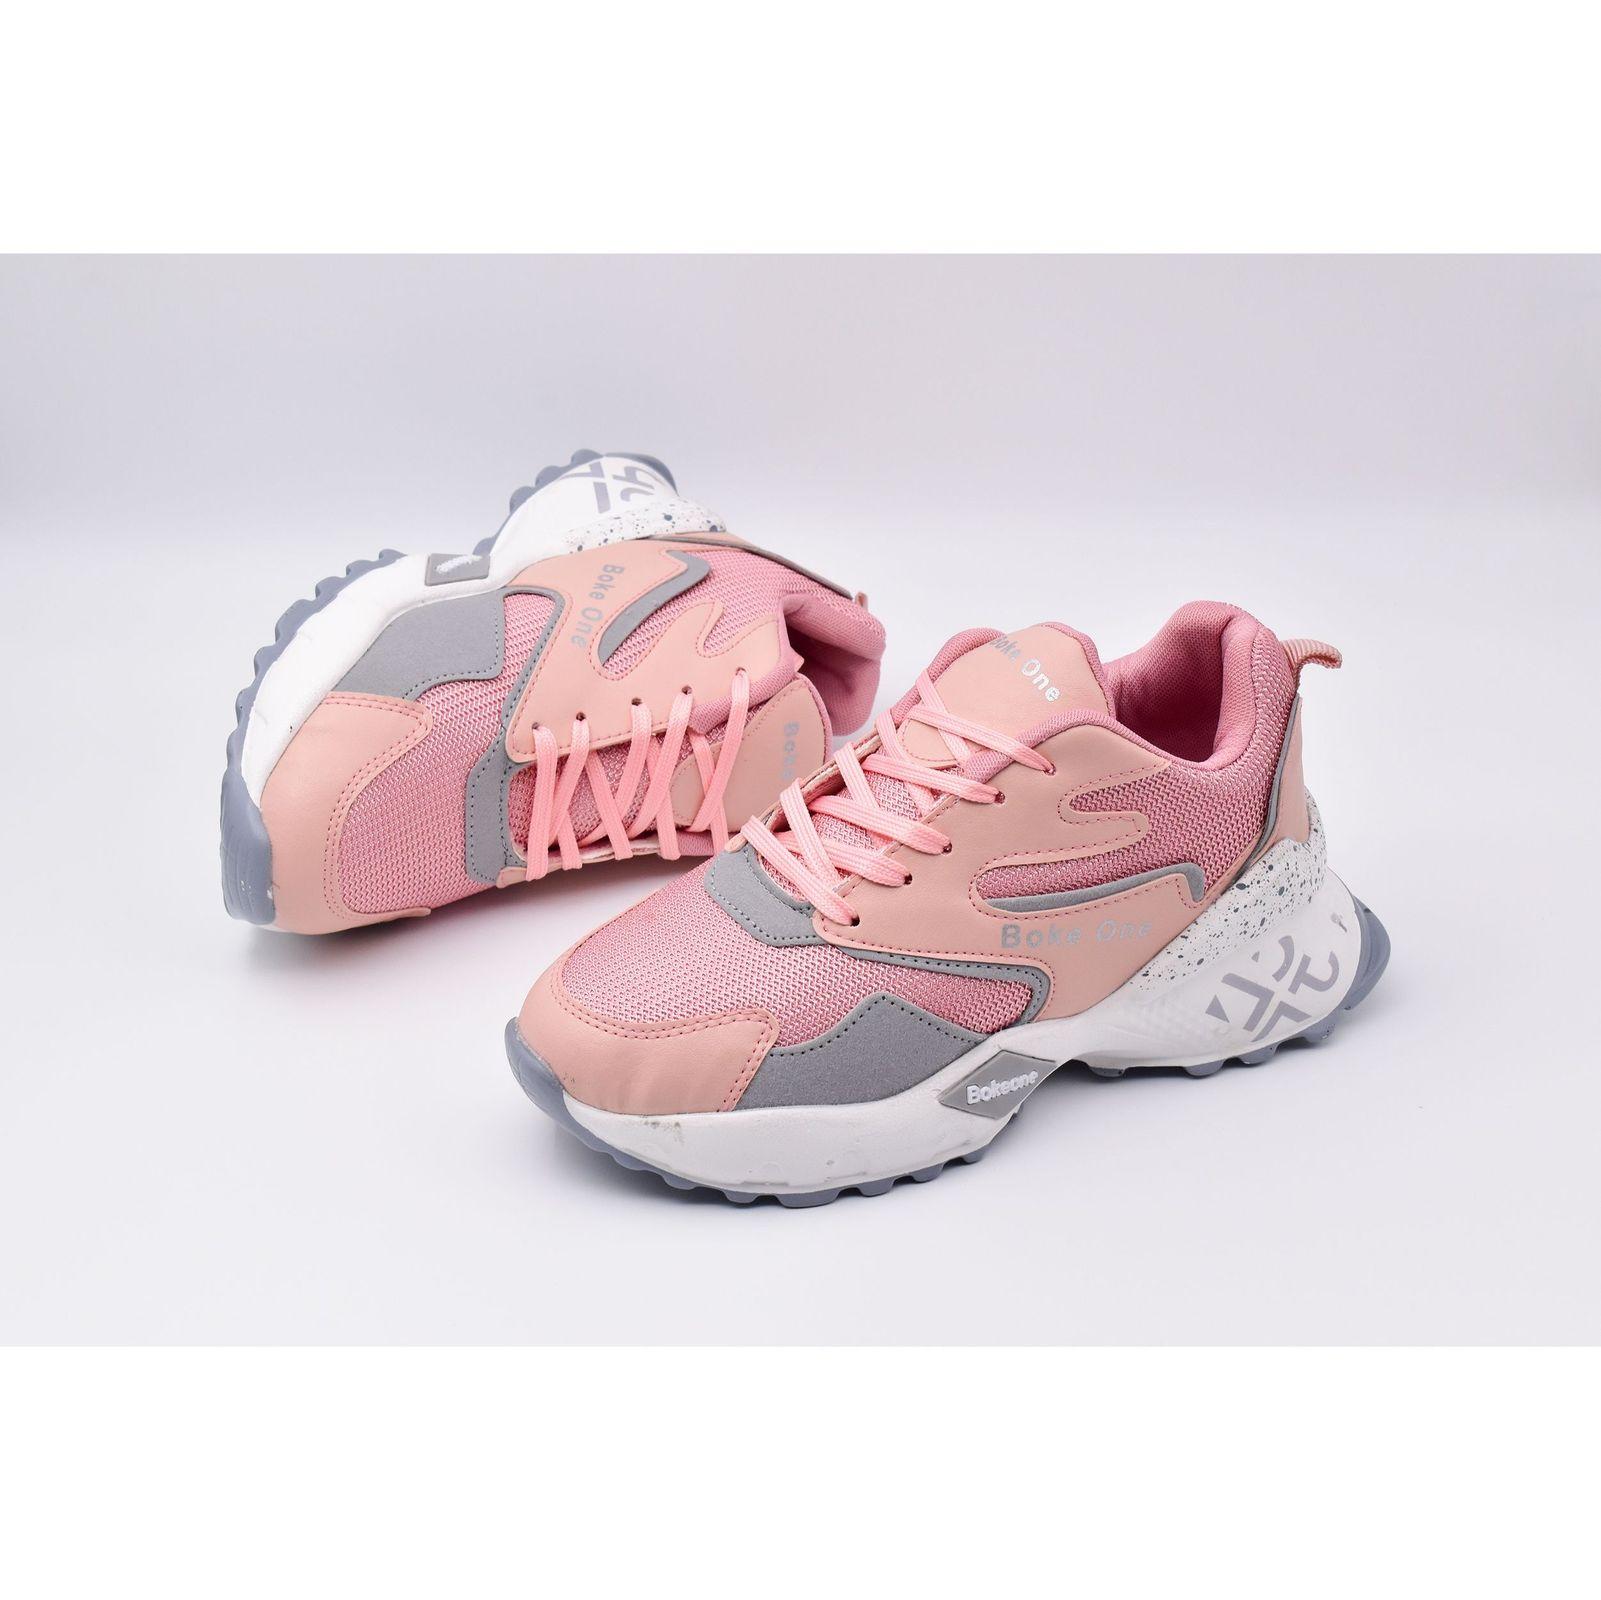 کفش مخصوص پیاده روی زنانه پارمیس کد JA6010 main 1 2